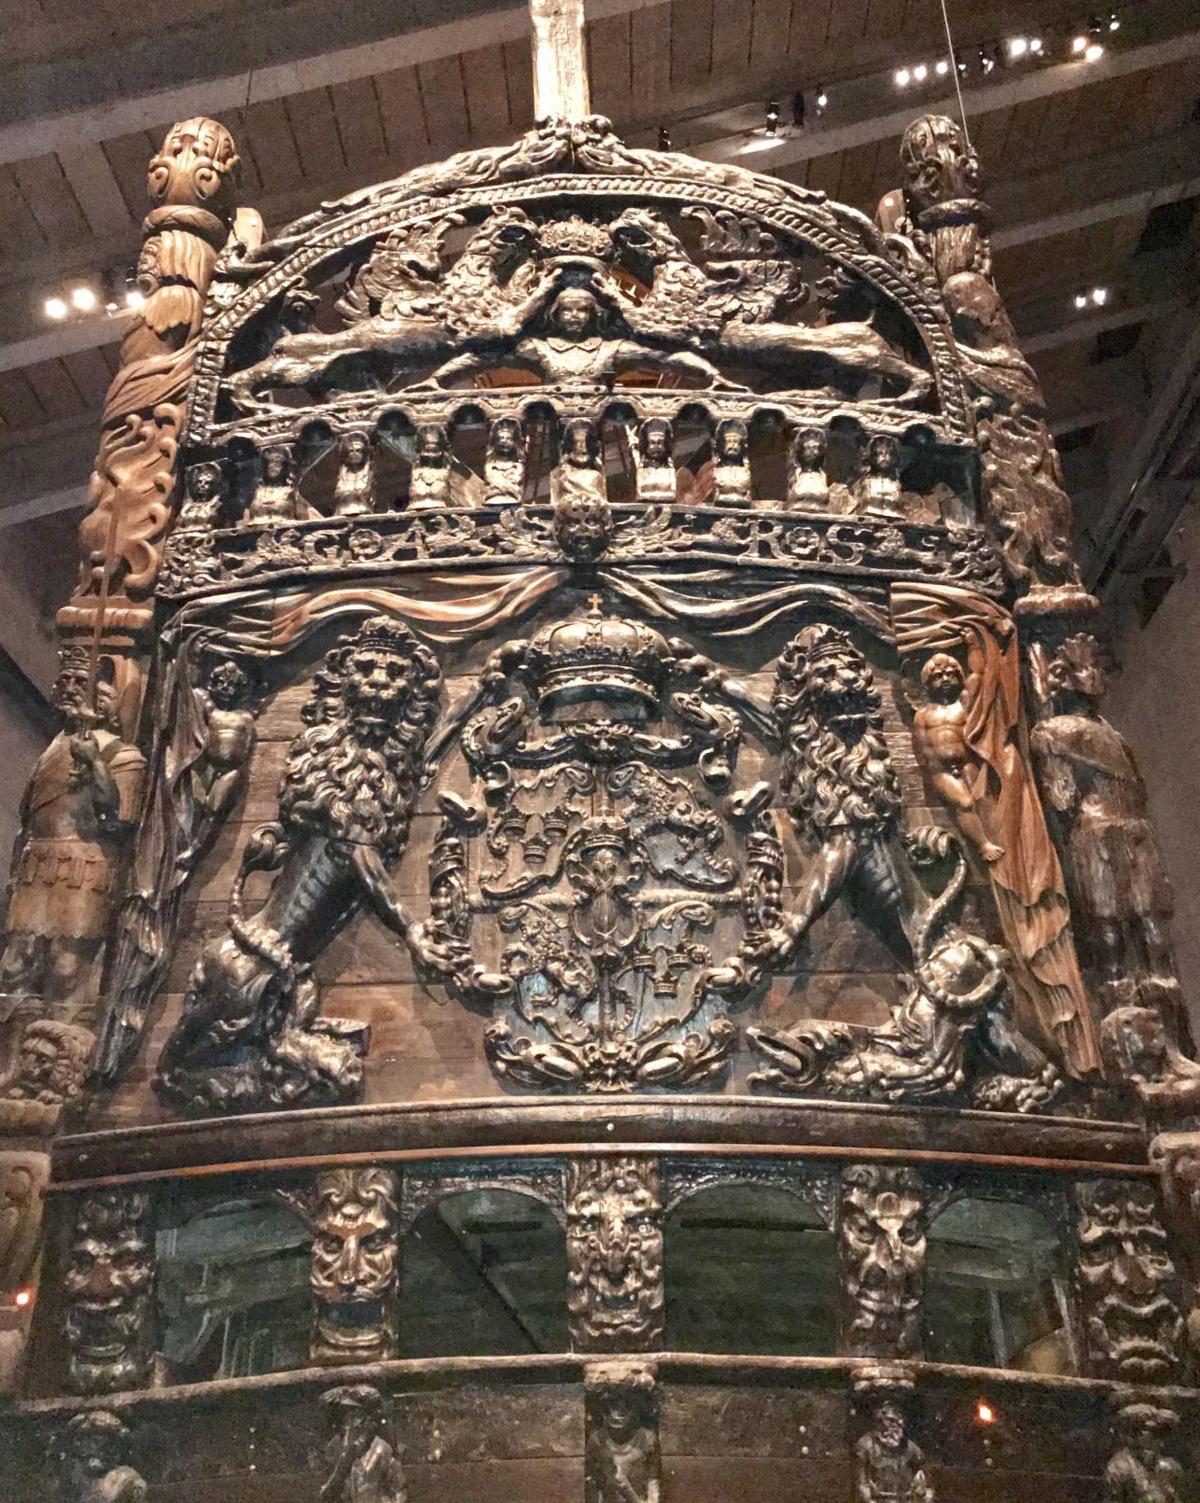 Vasa art